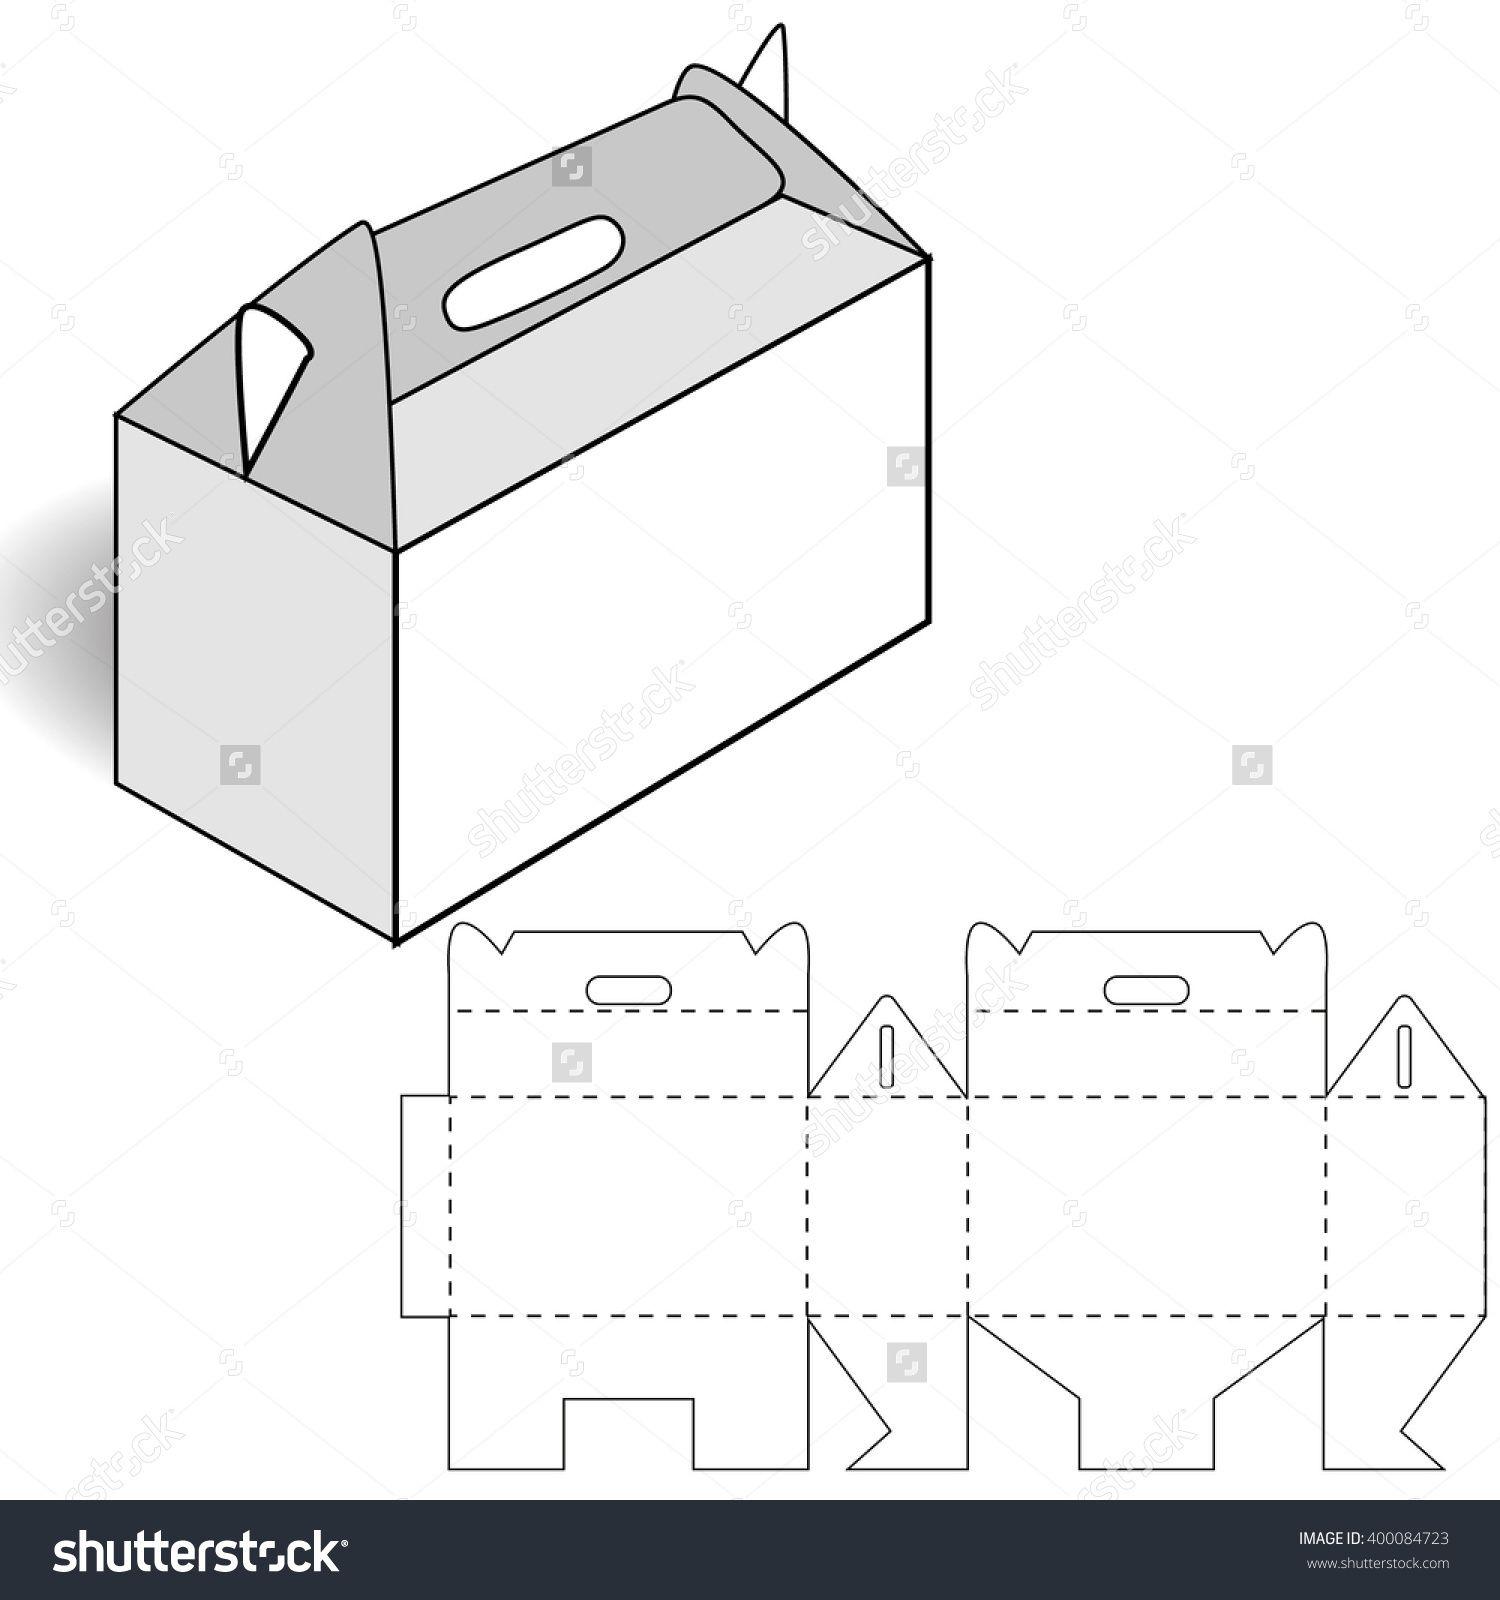 cardboard box cutting box with handle ilustración vectorial en